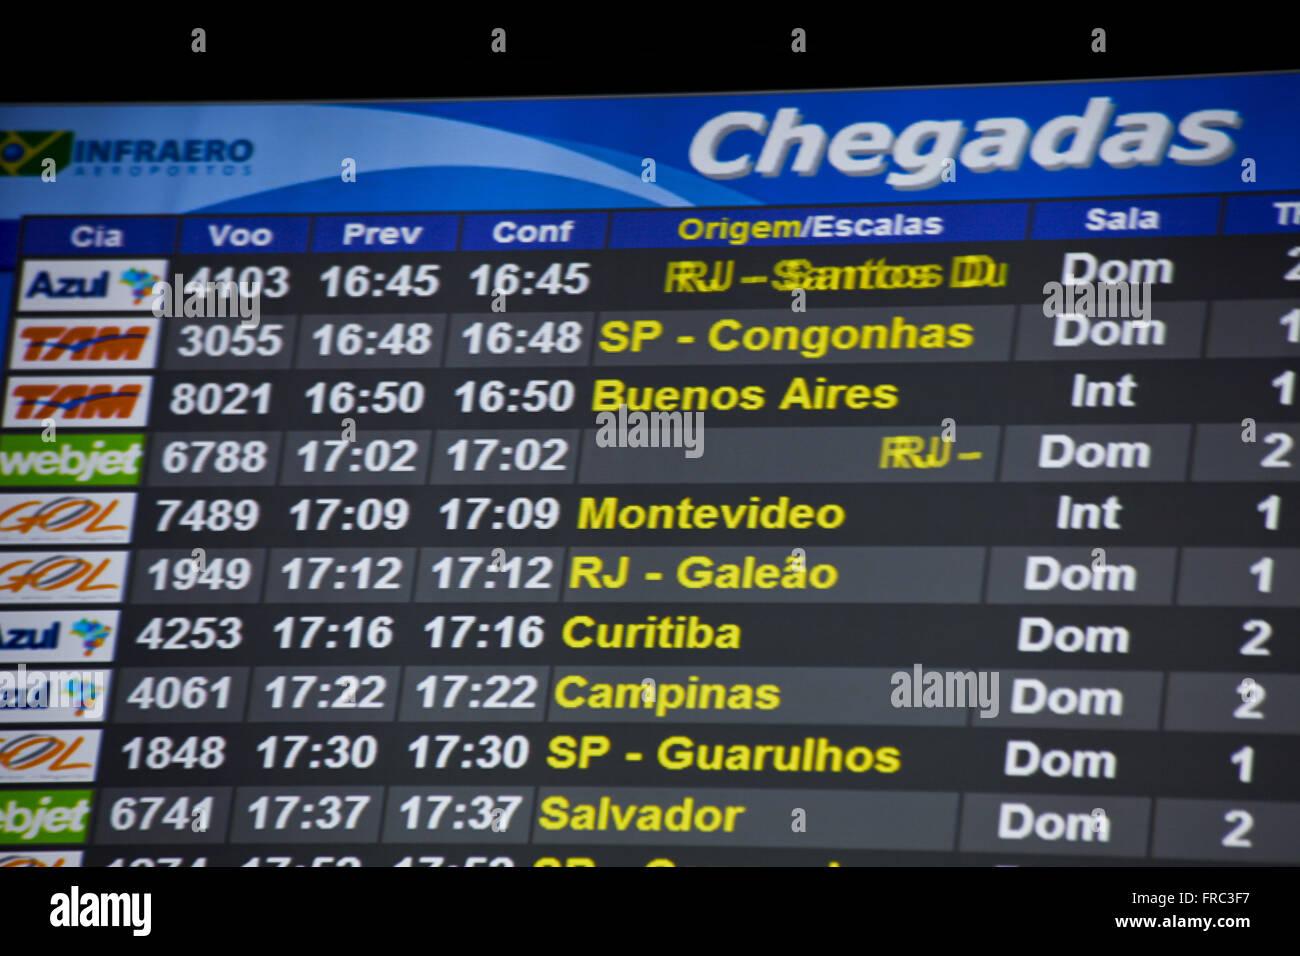 Arrival flights panel from Salgado Filho International Airport - Stock Image